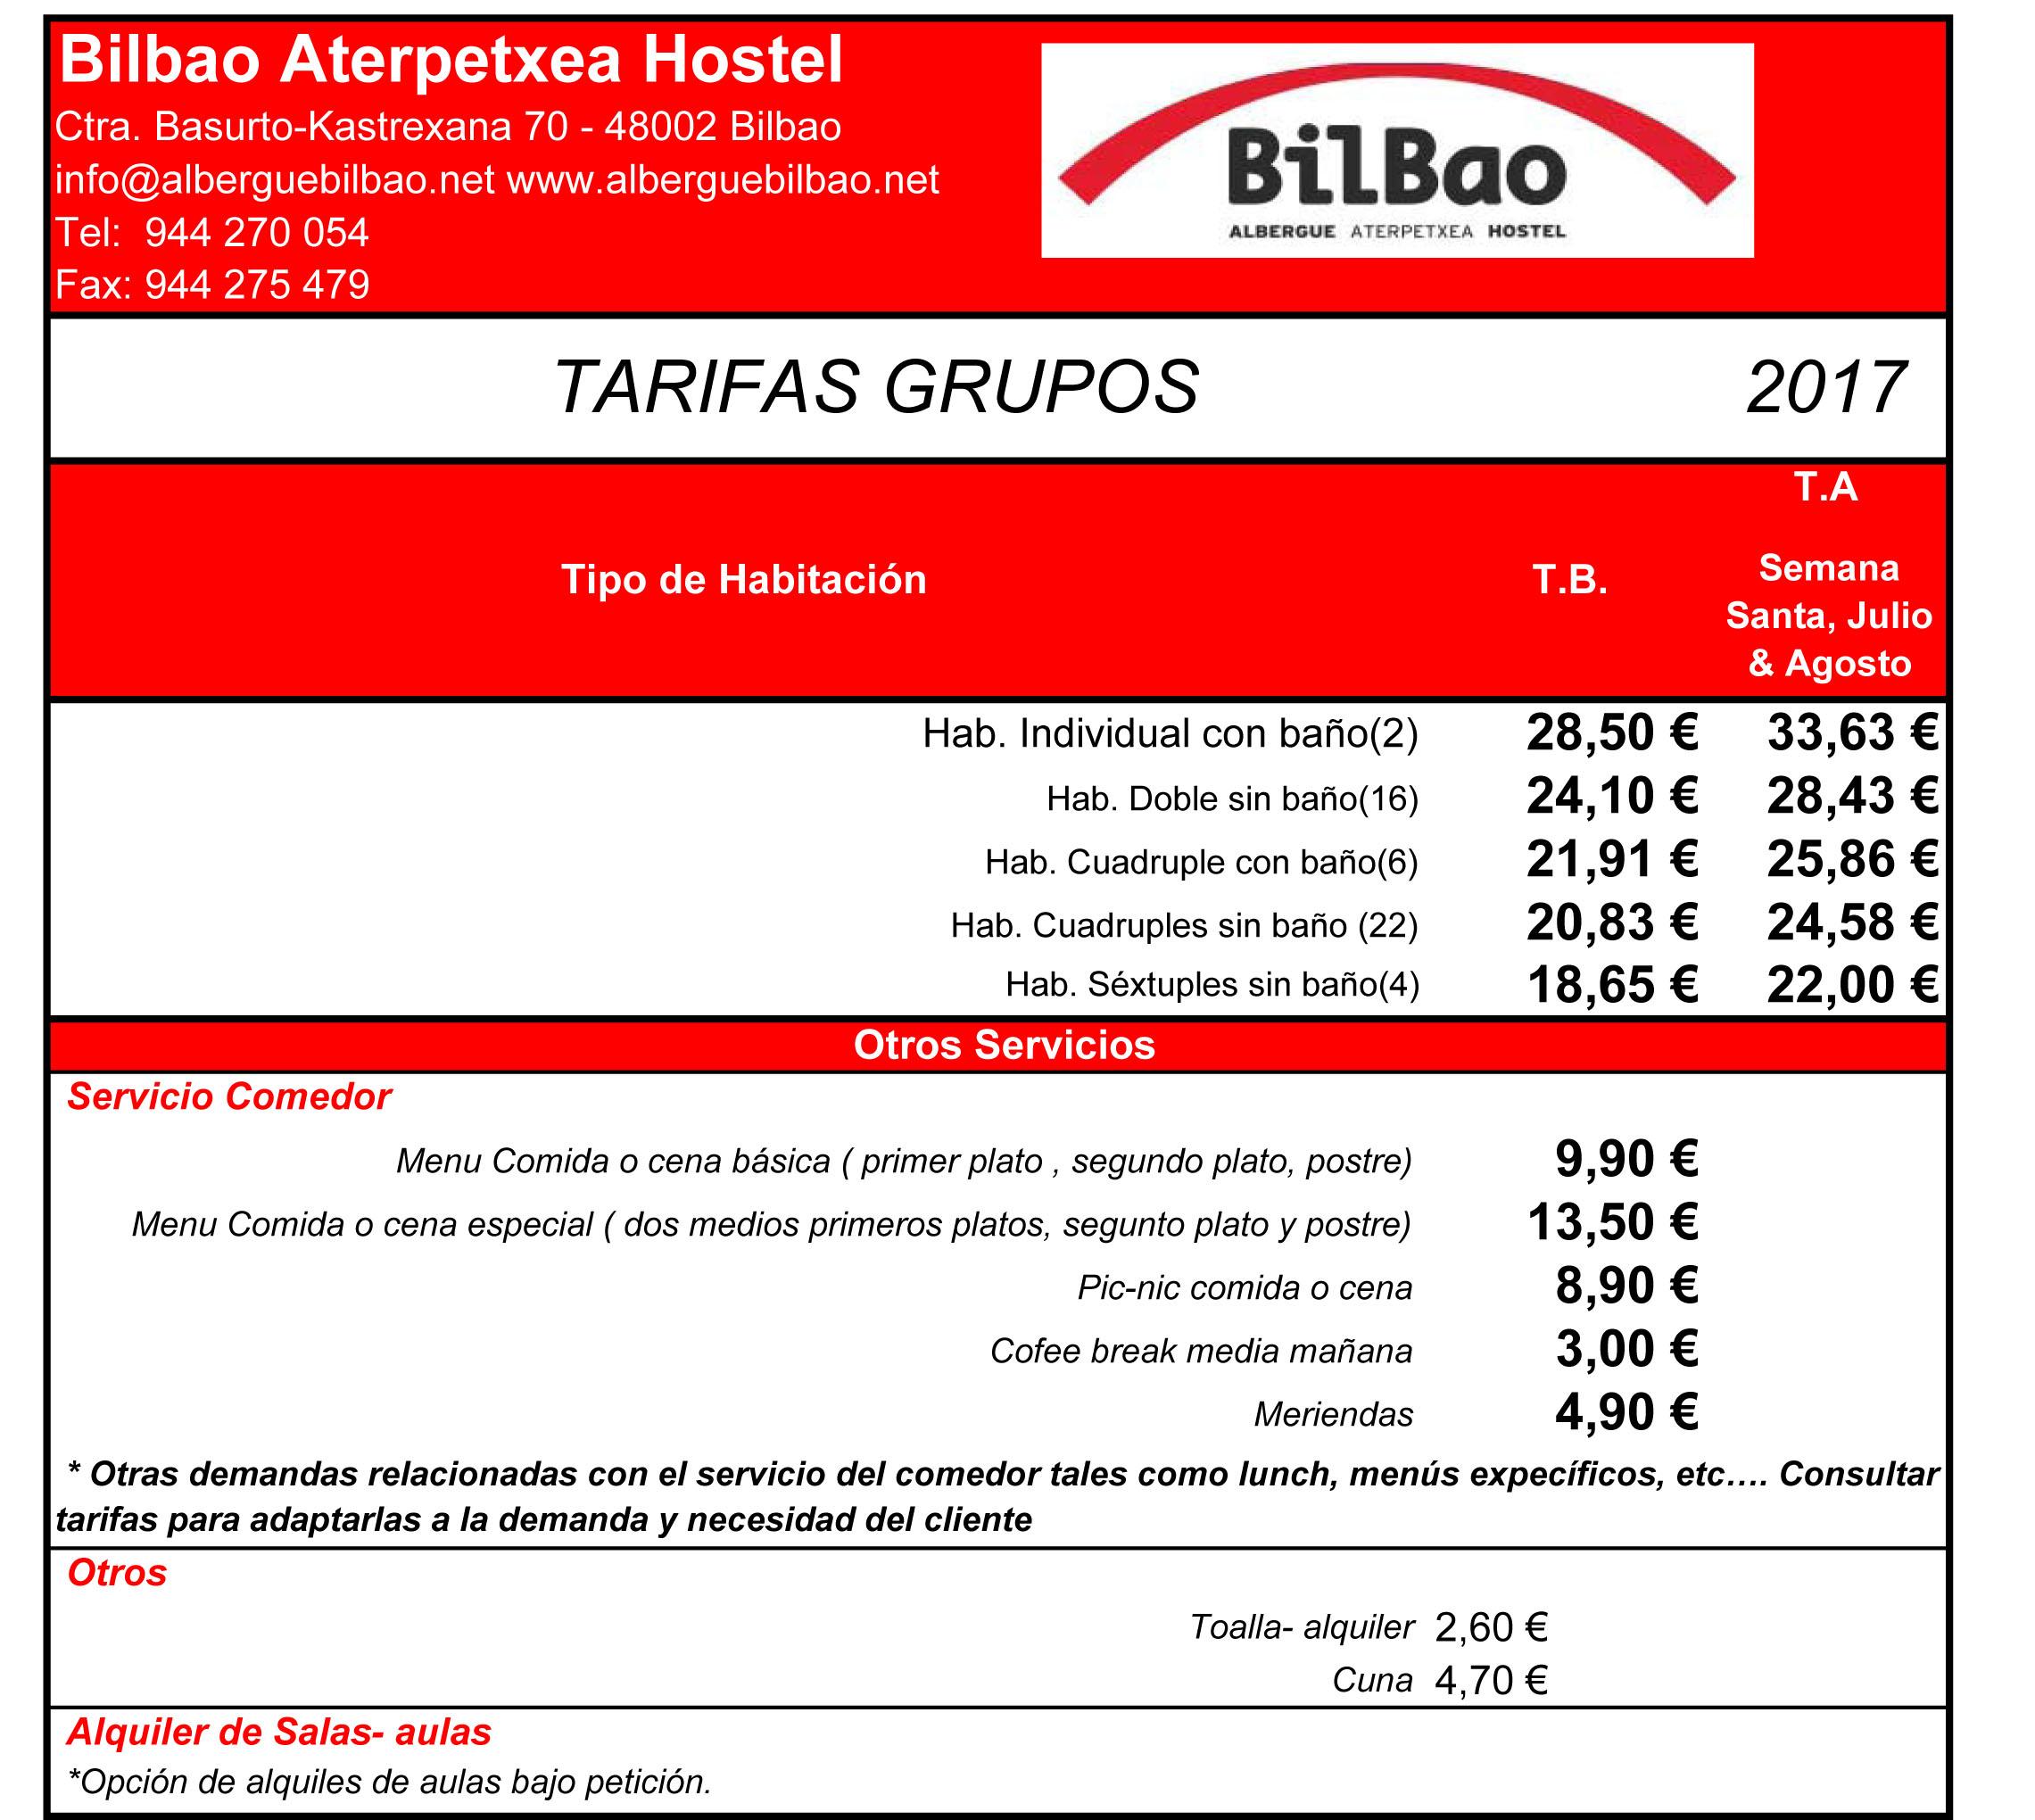 Tarifas Grupos 2017.xlsx